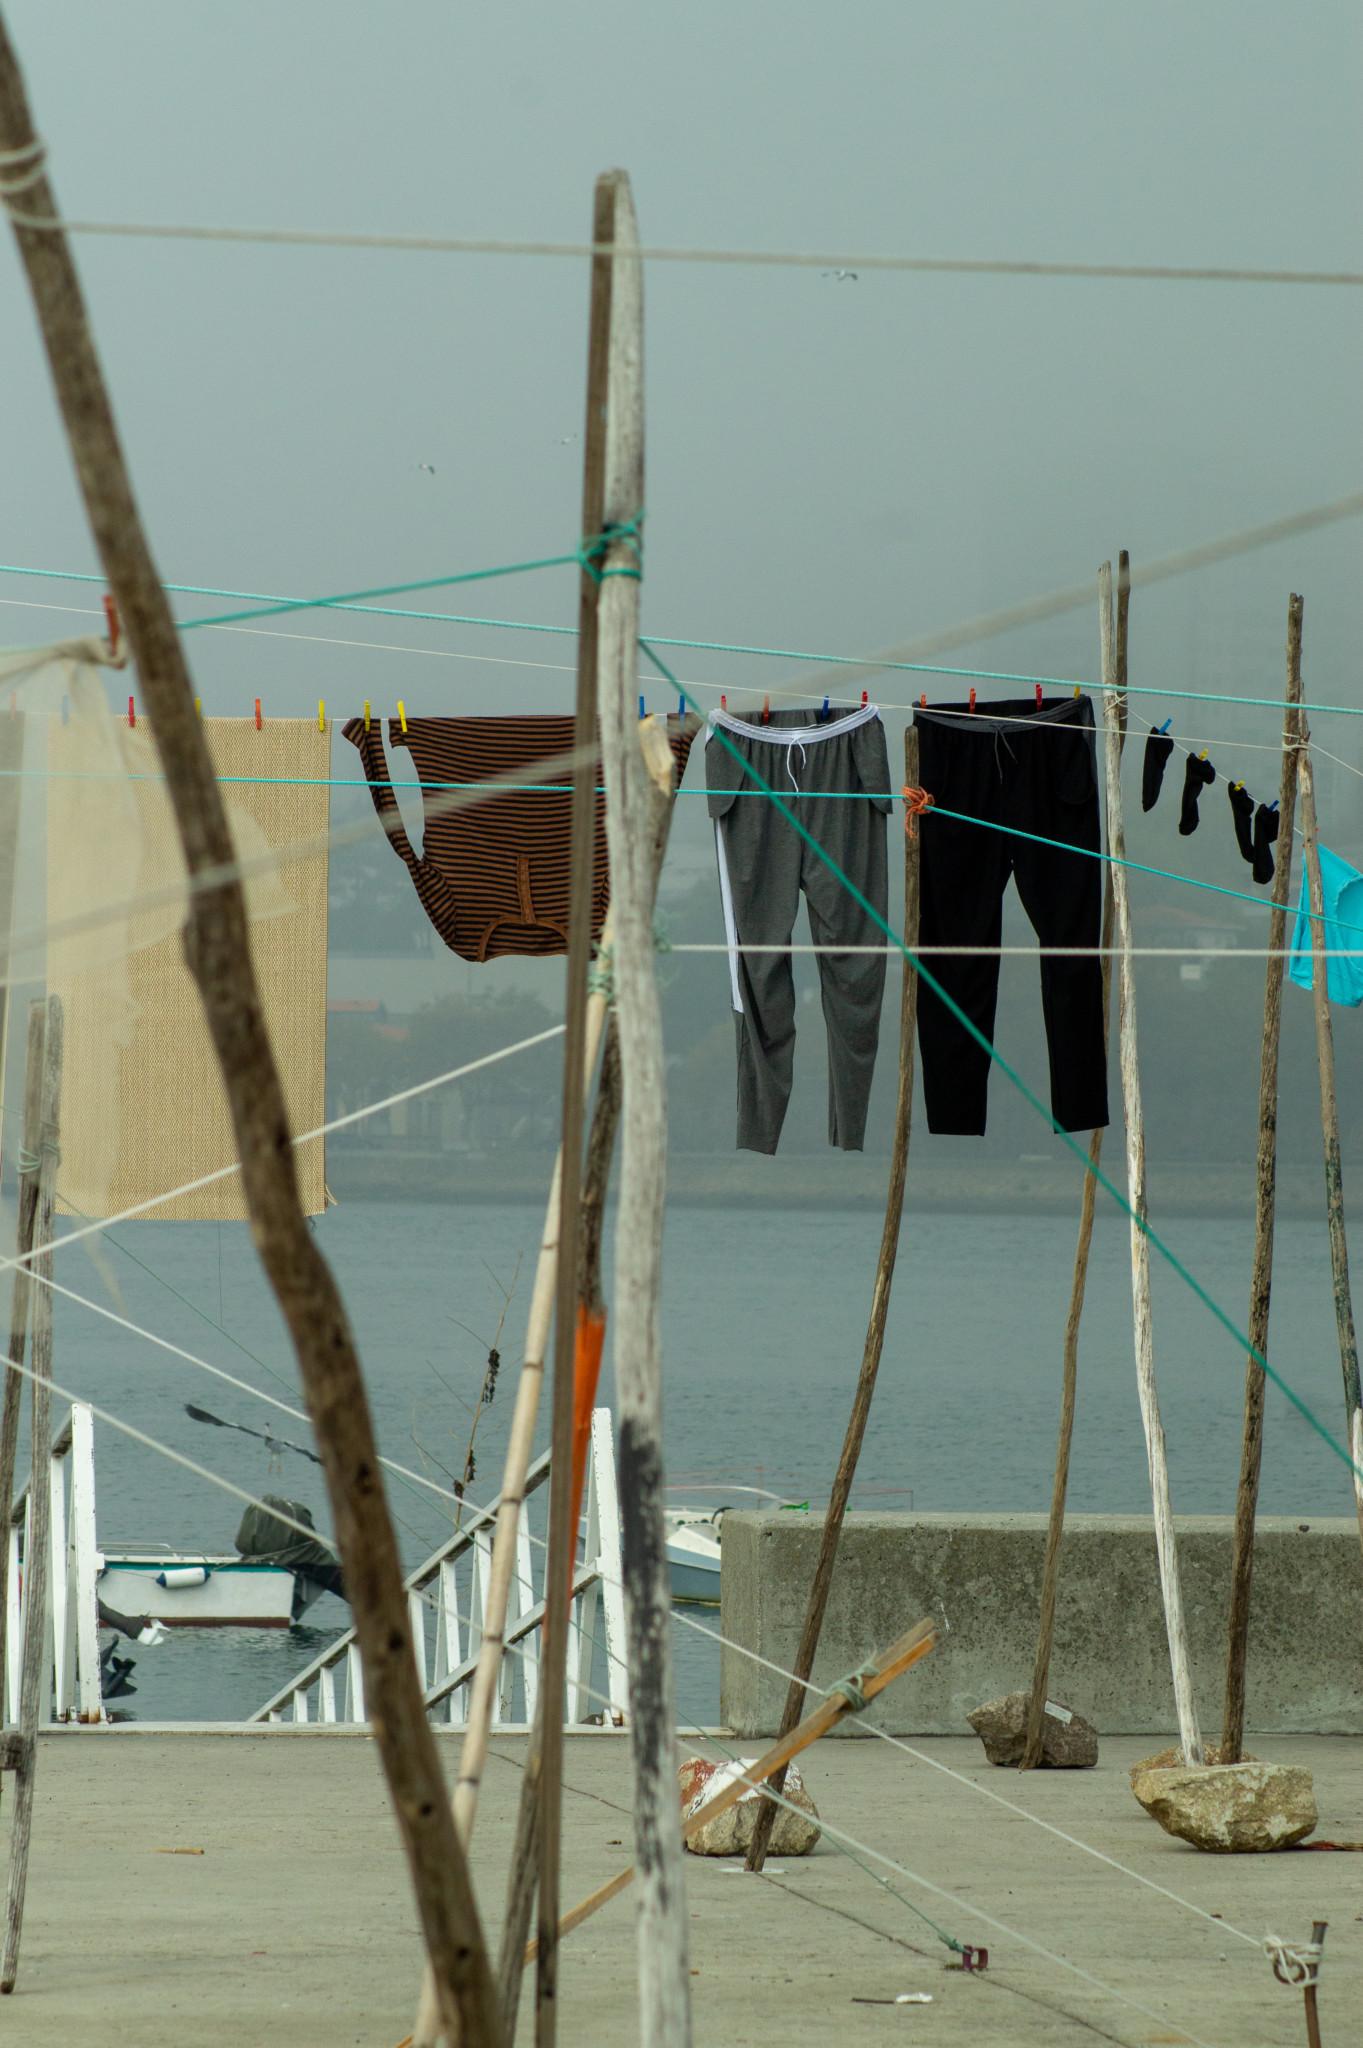 Wäscheleine in Afurada